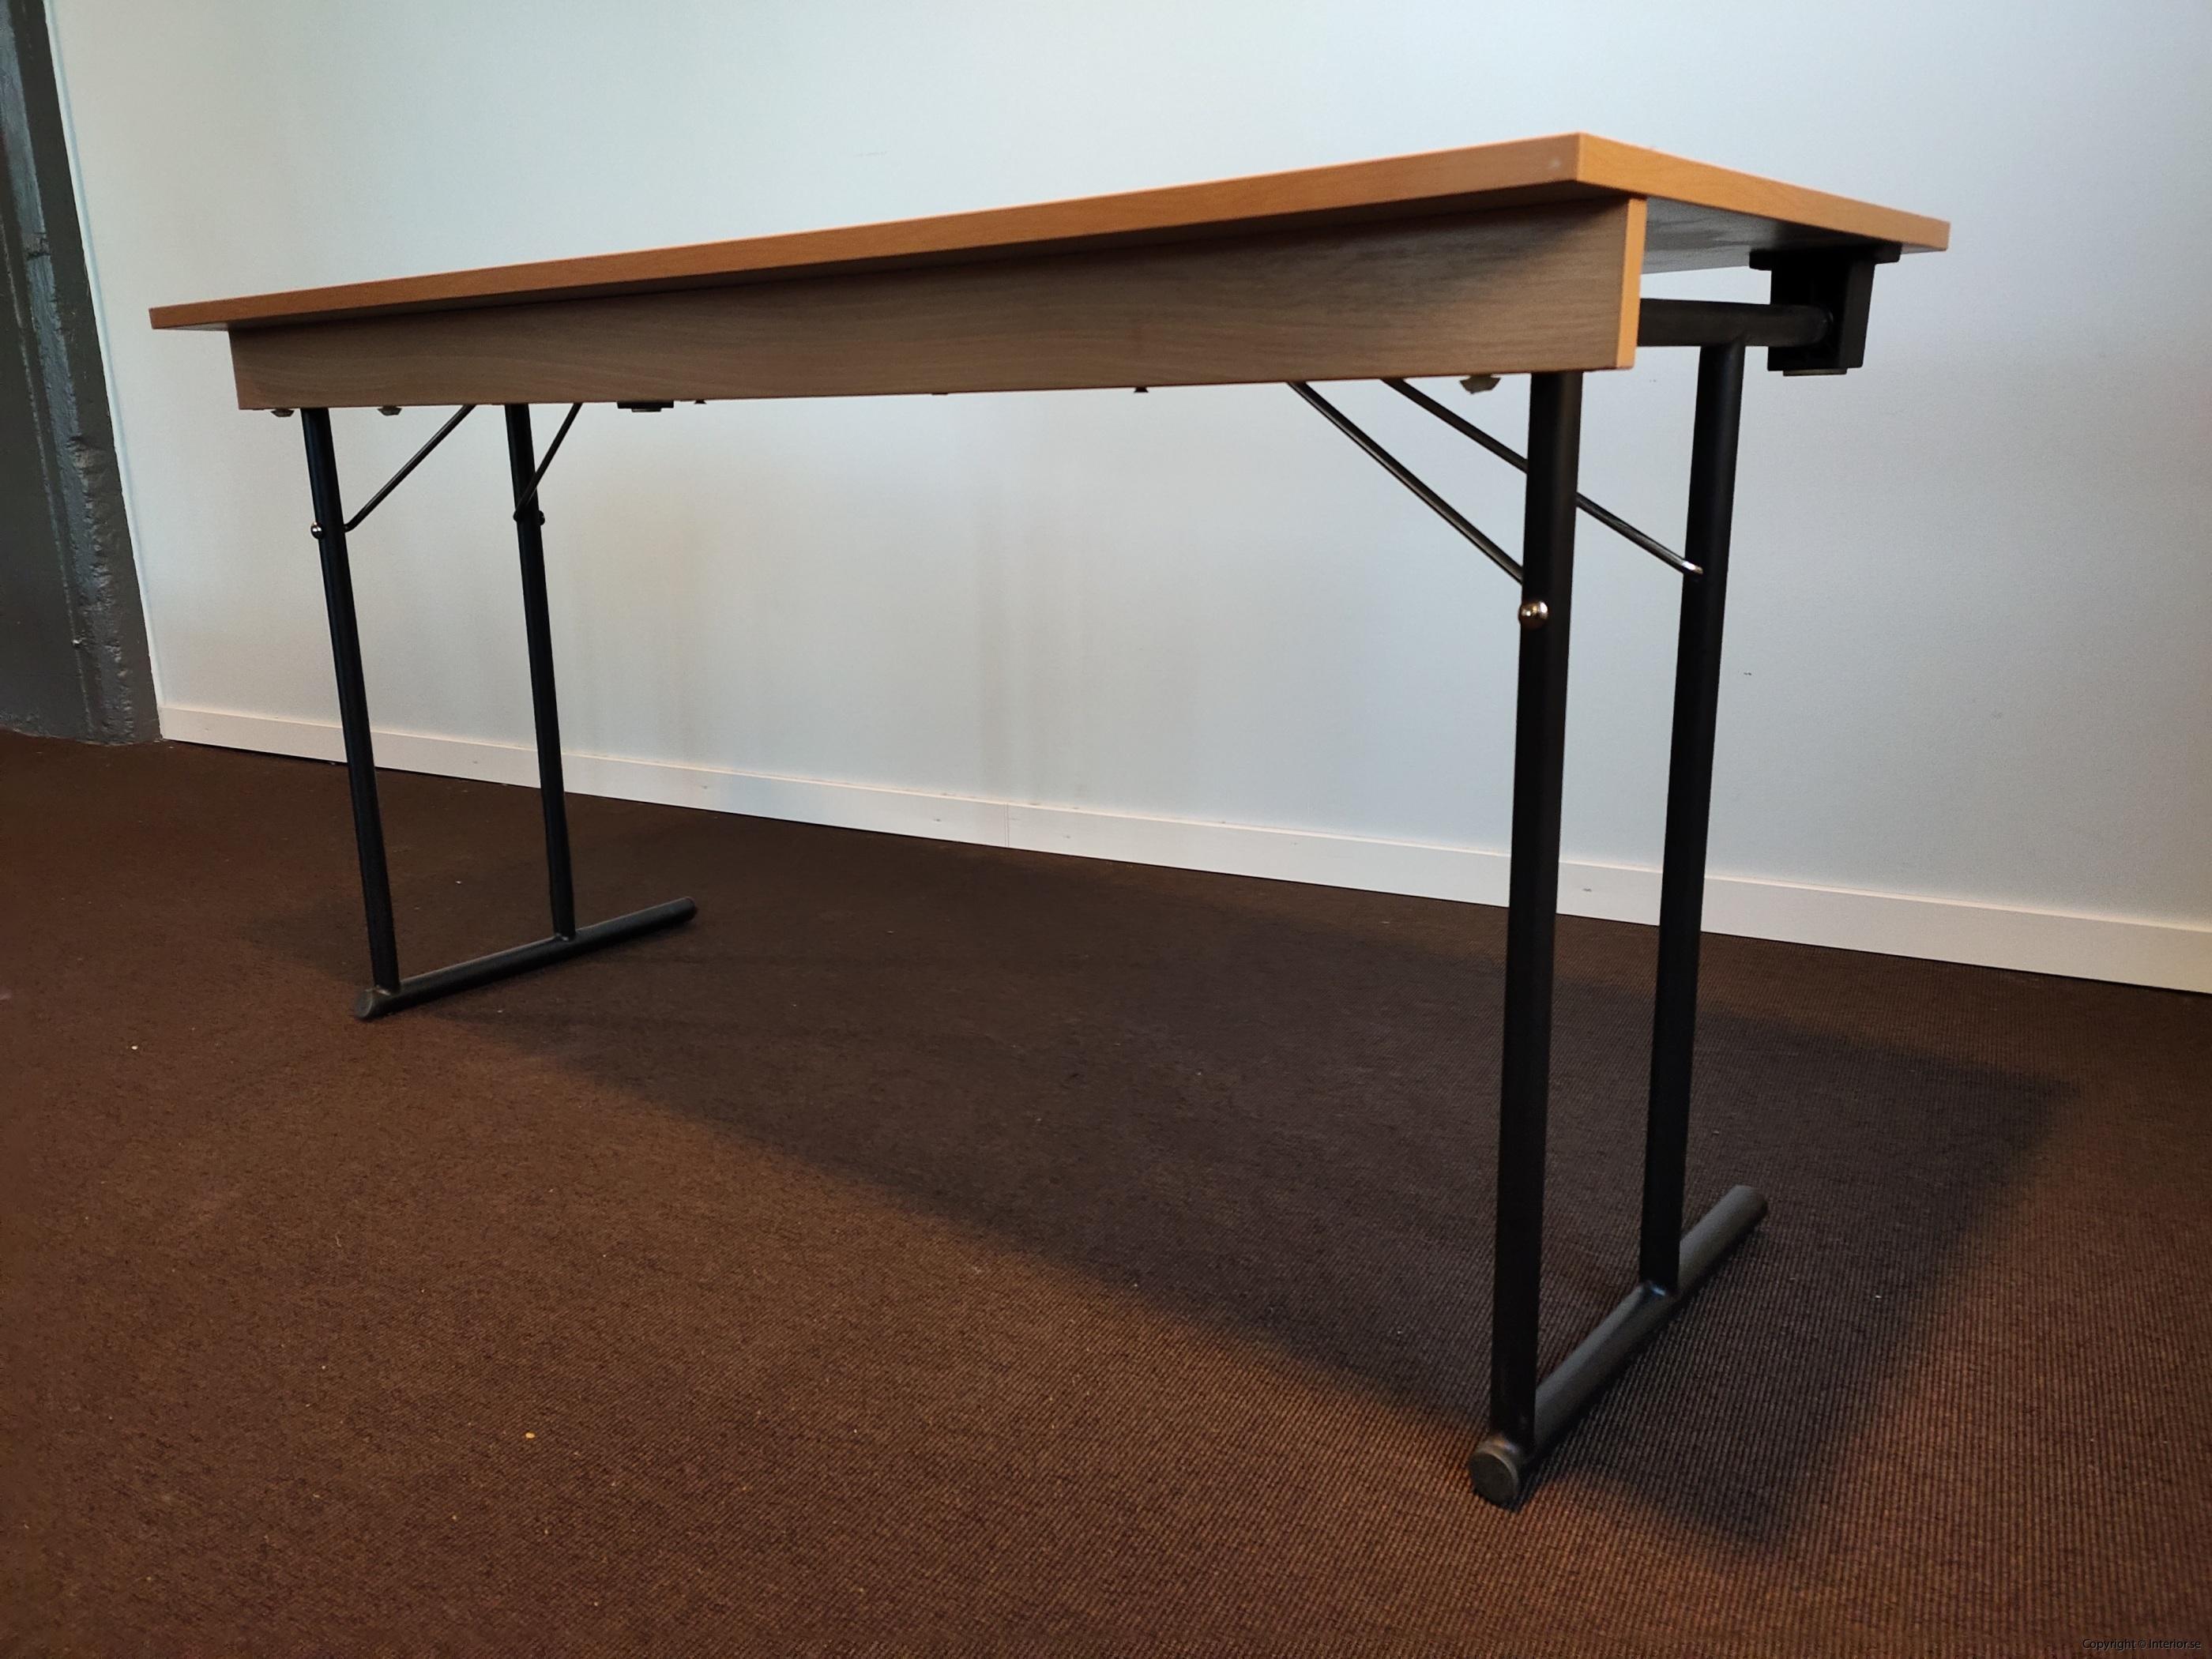 Fällbara bord  hopfällbara bord i bok - 140 x 60 cm (3)